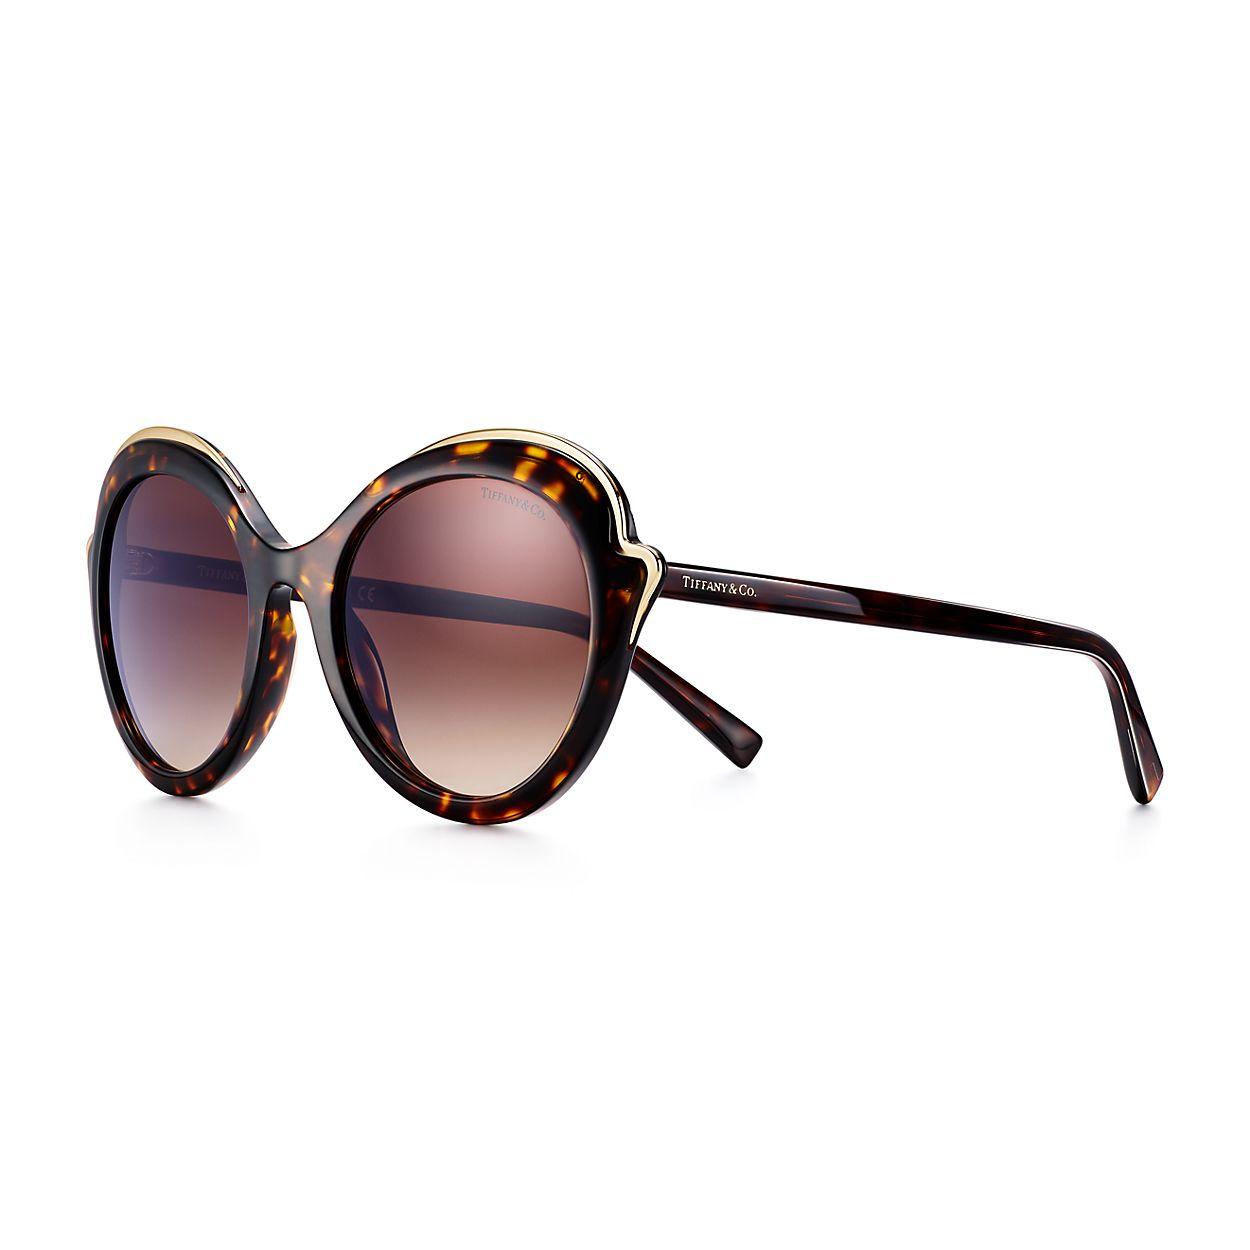 24601e352d9 Tiffany Paper Flowers Cat Eye Sunglasses